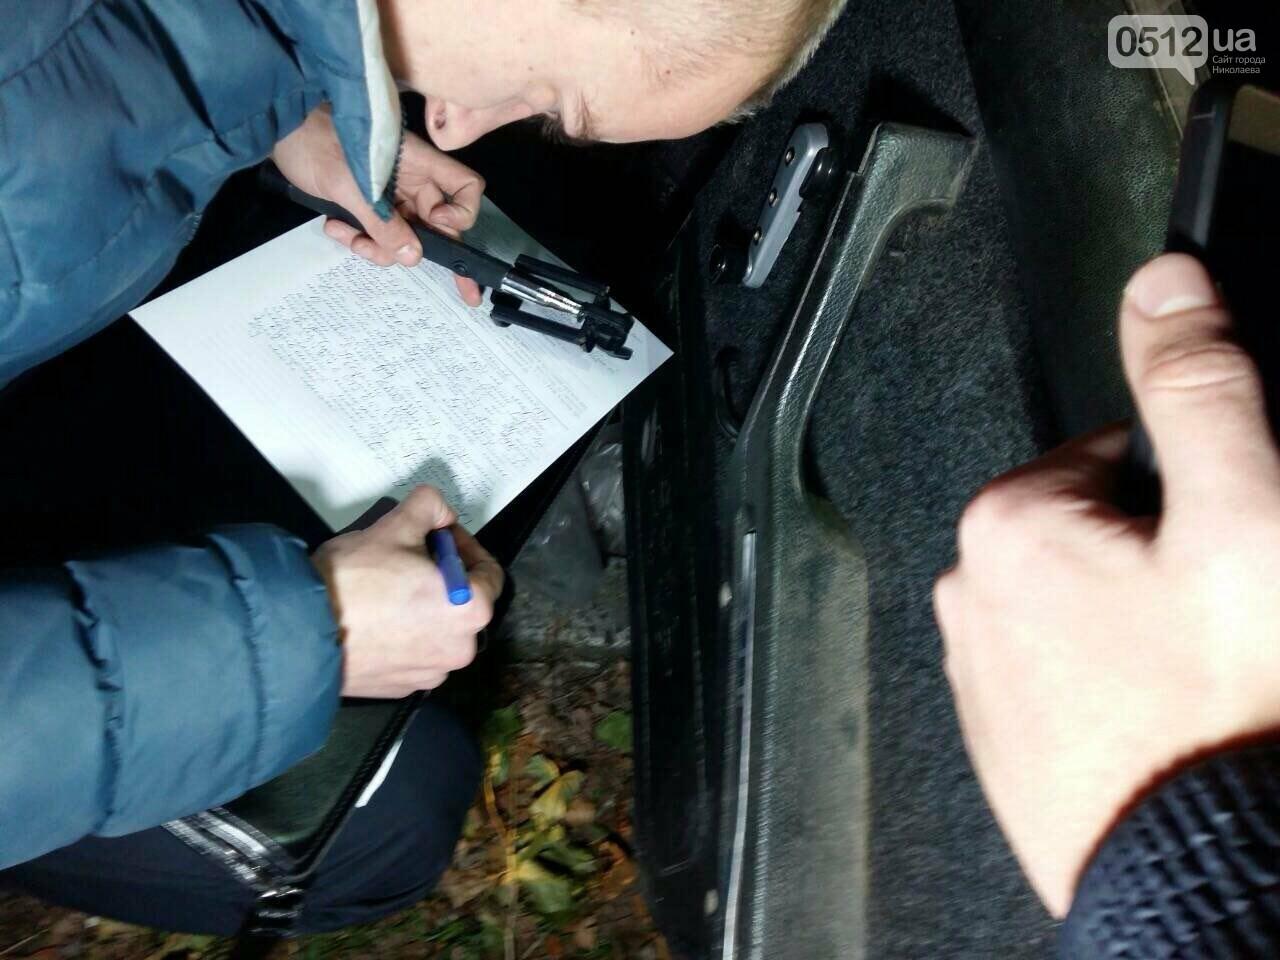 Ночью в Николаеве трое мужчин напали и ограбили снимавшего сюжет журналиста (ФОТО, ВИДЕО), фото-13